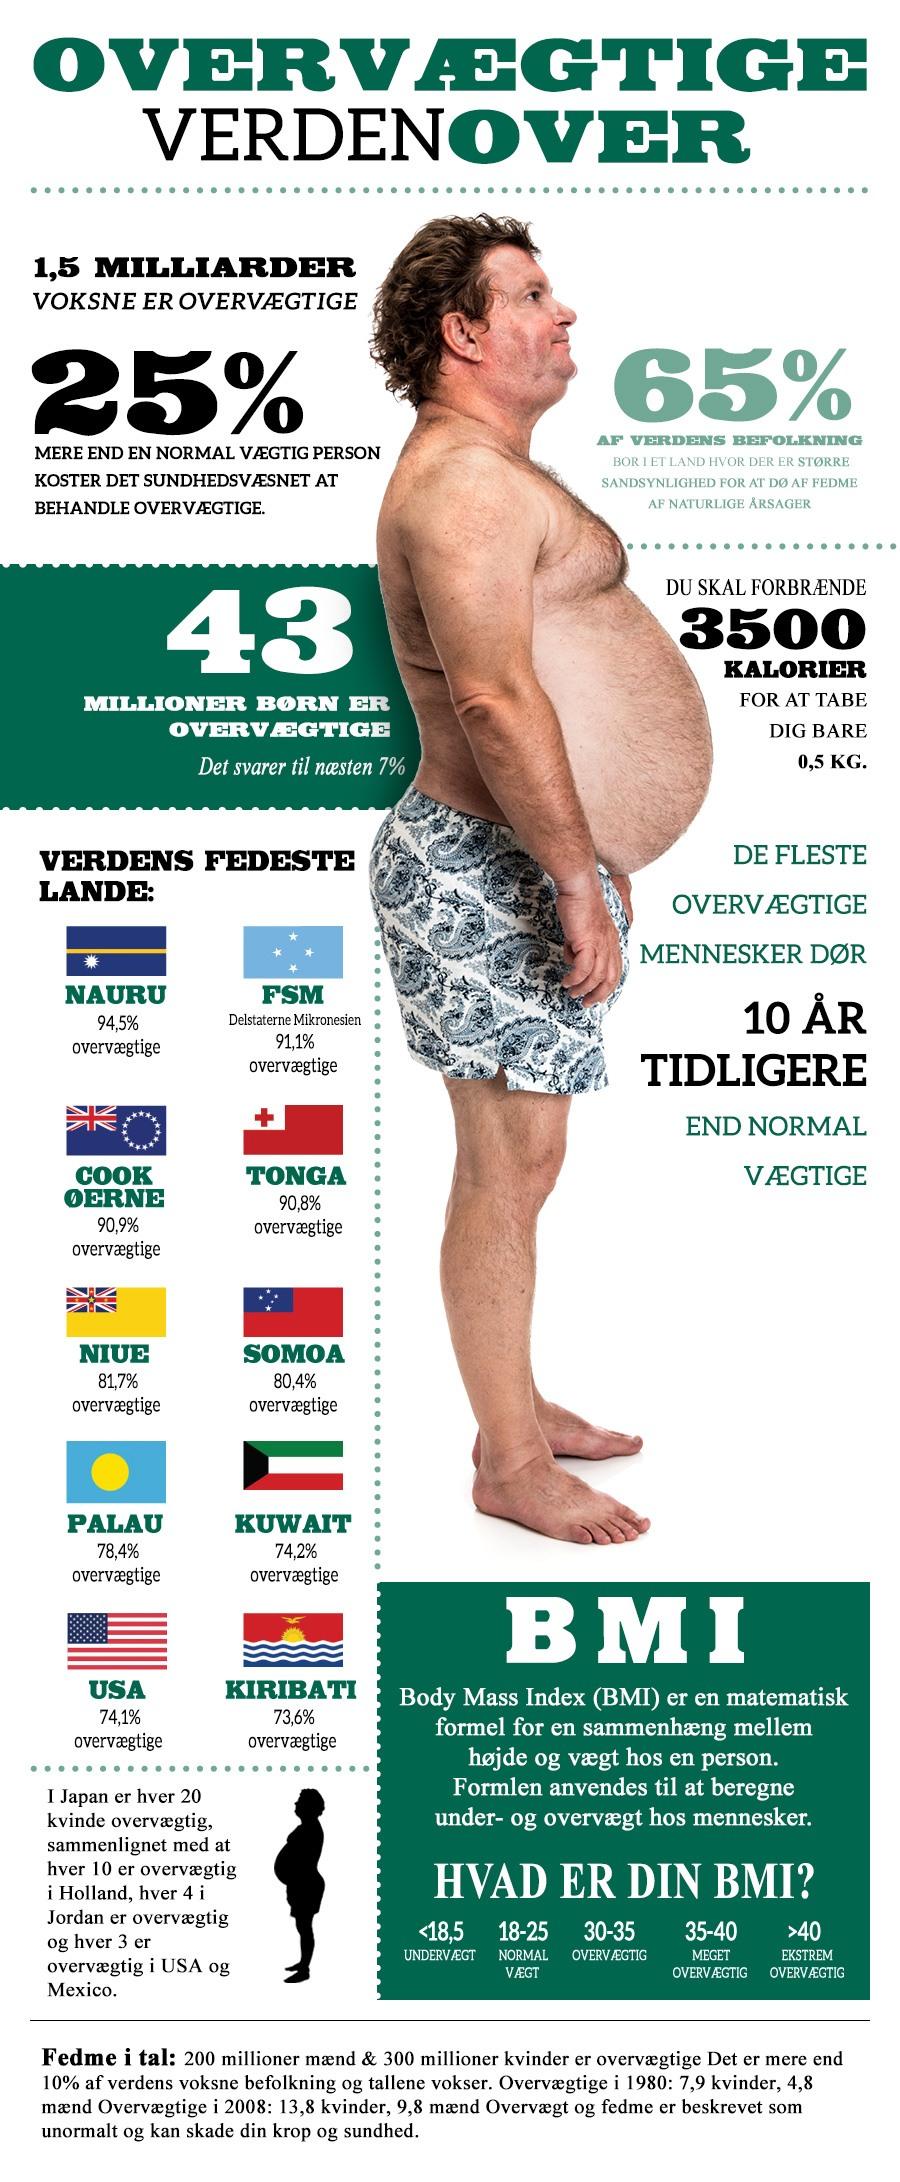 Illustration om overvægt og BMI i verden